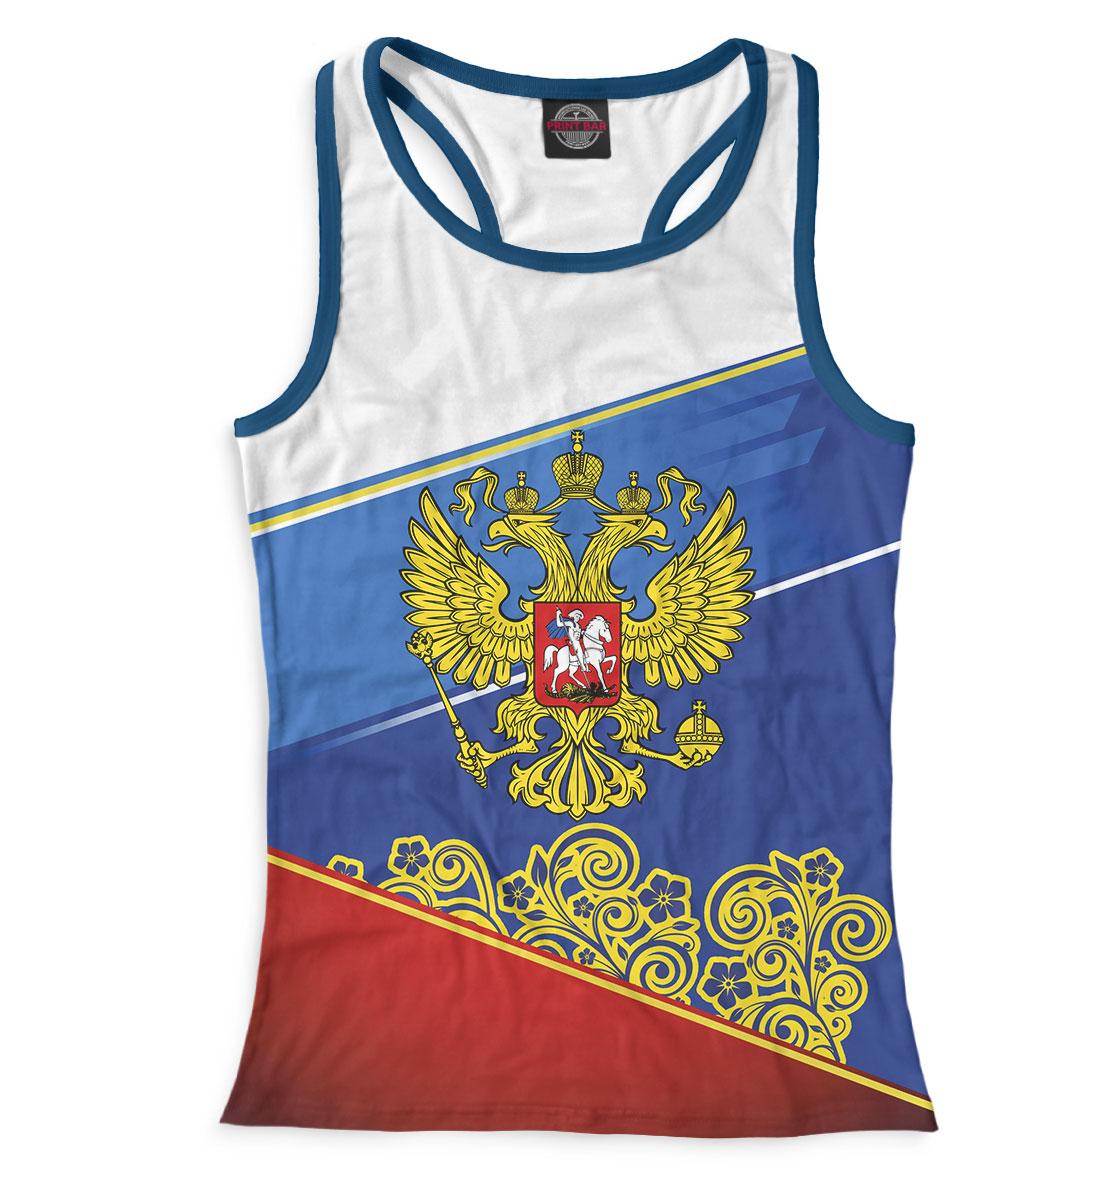 Купить Сборная России, Printbar, Майки борцовки, FRF-990831-mayb-1